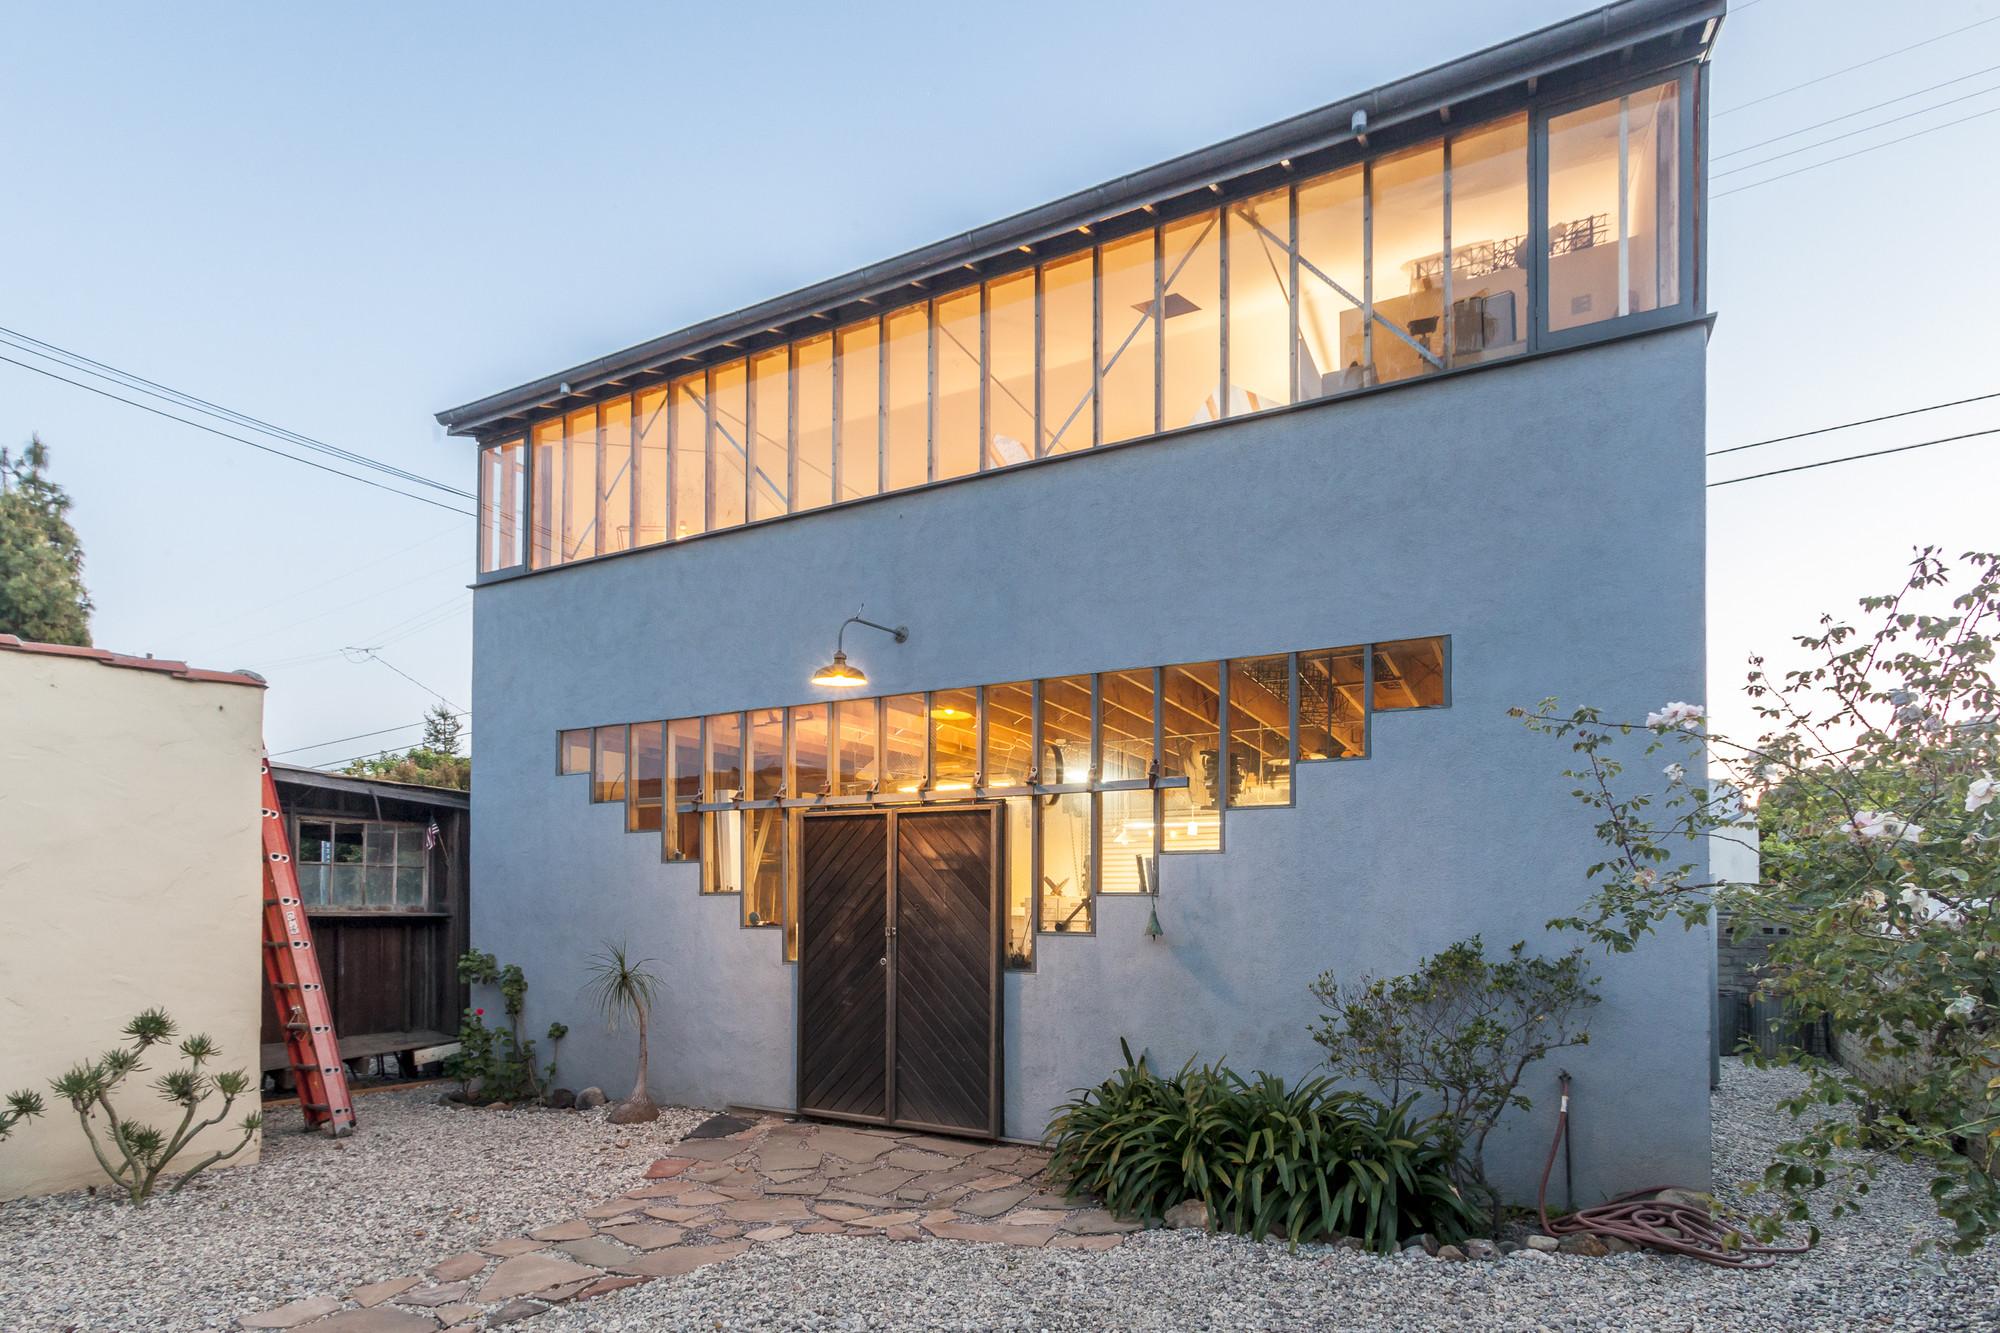 Casa en Princeton St. / Ruben S. Ojeda Architects + Koning Eizenberg Architecture, © Shawn Bishop